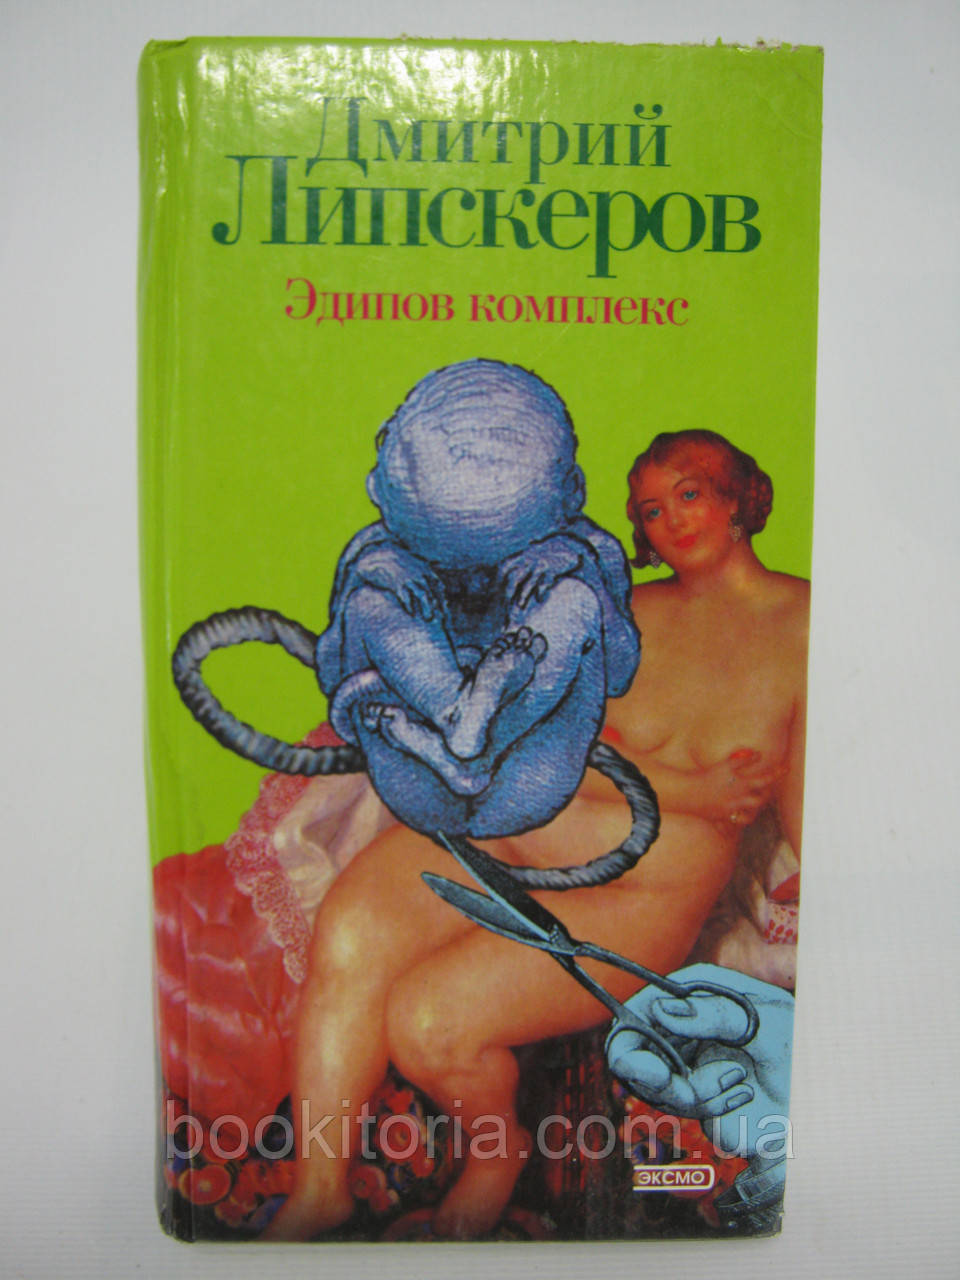 Липскеров Д. Эдипов комплекс (б/у).